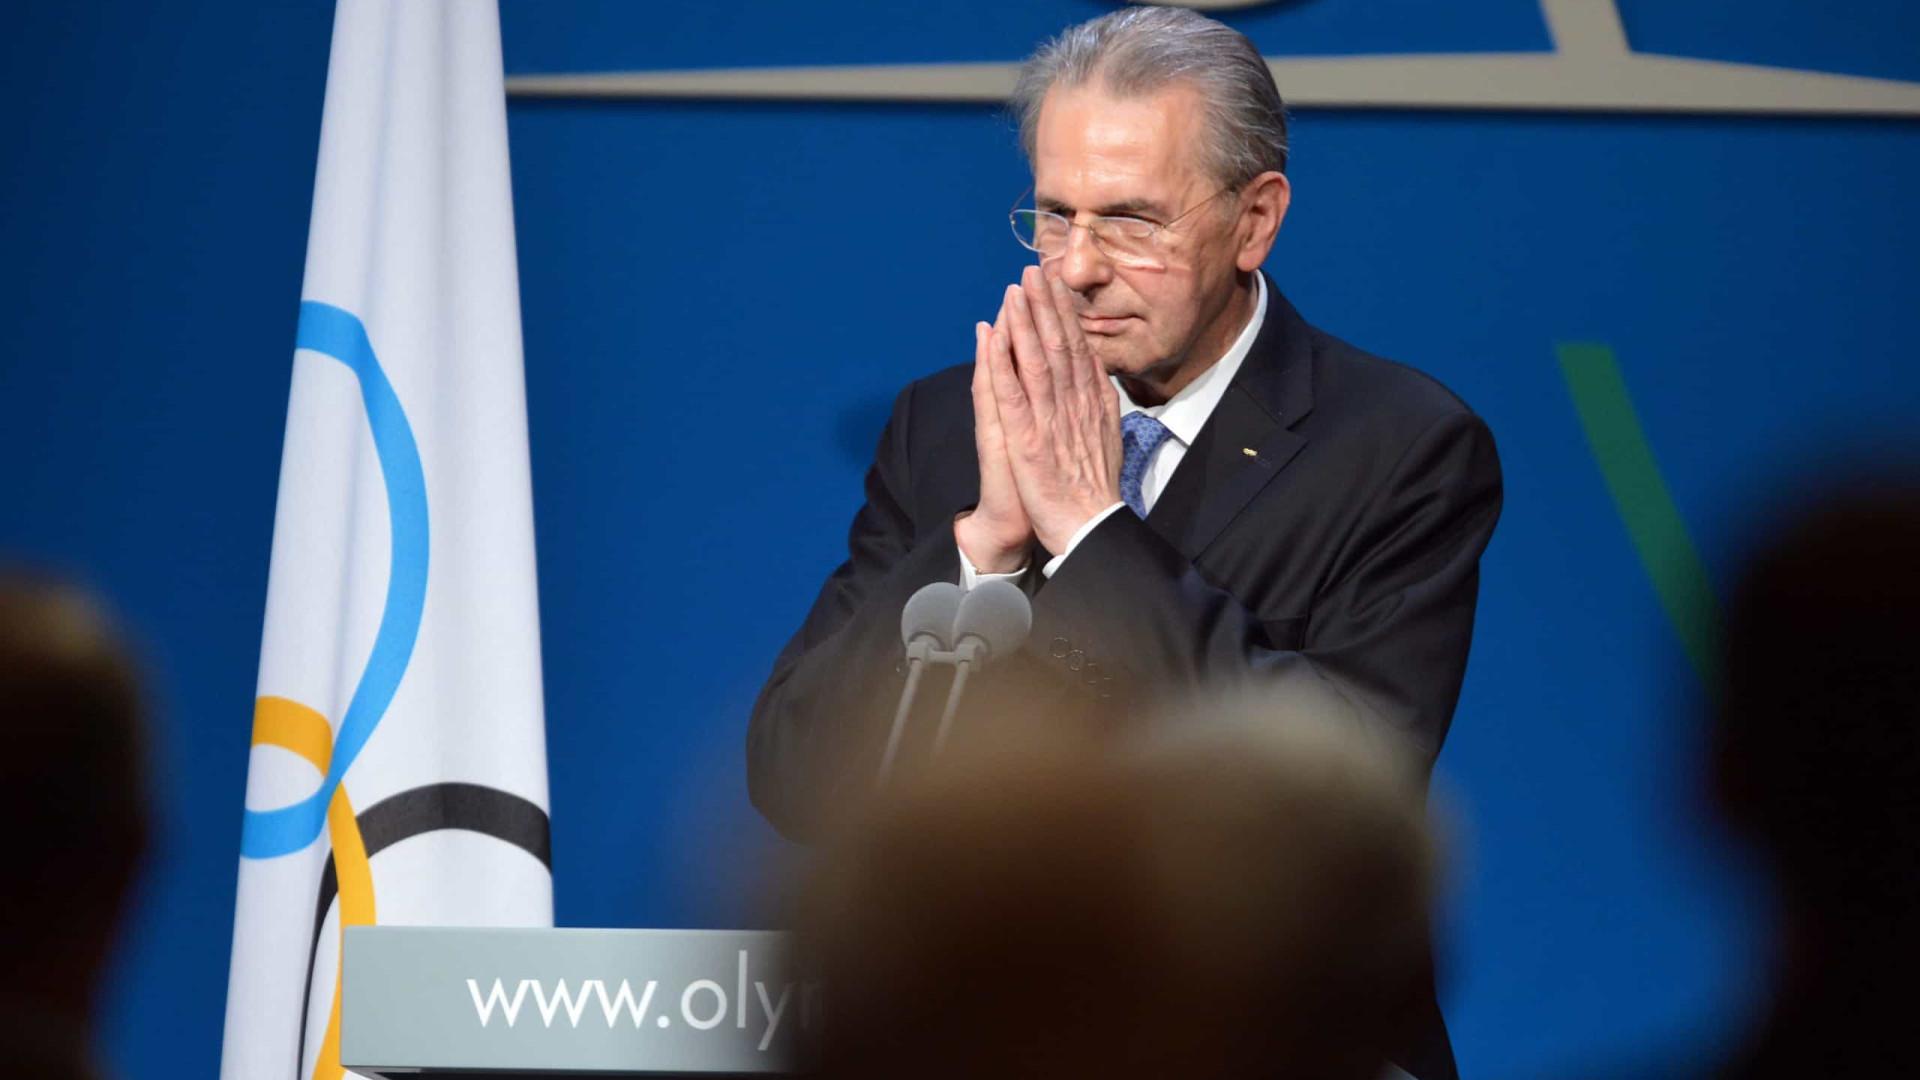 Morre Jacques Rogge, ex-presidente do Comitê Olímpico Internacional